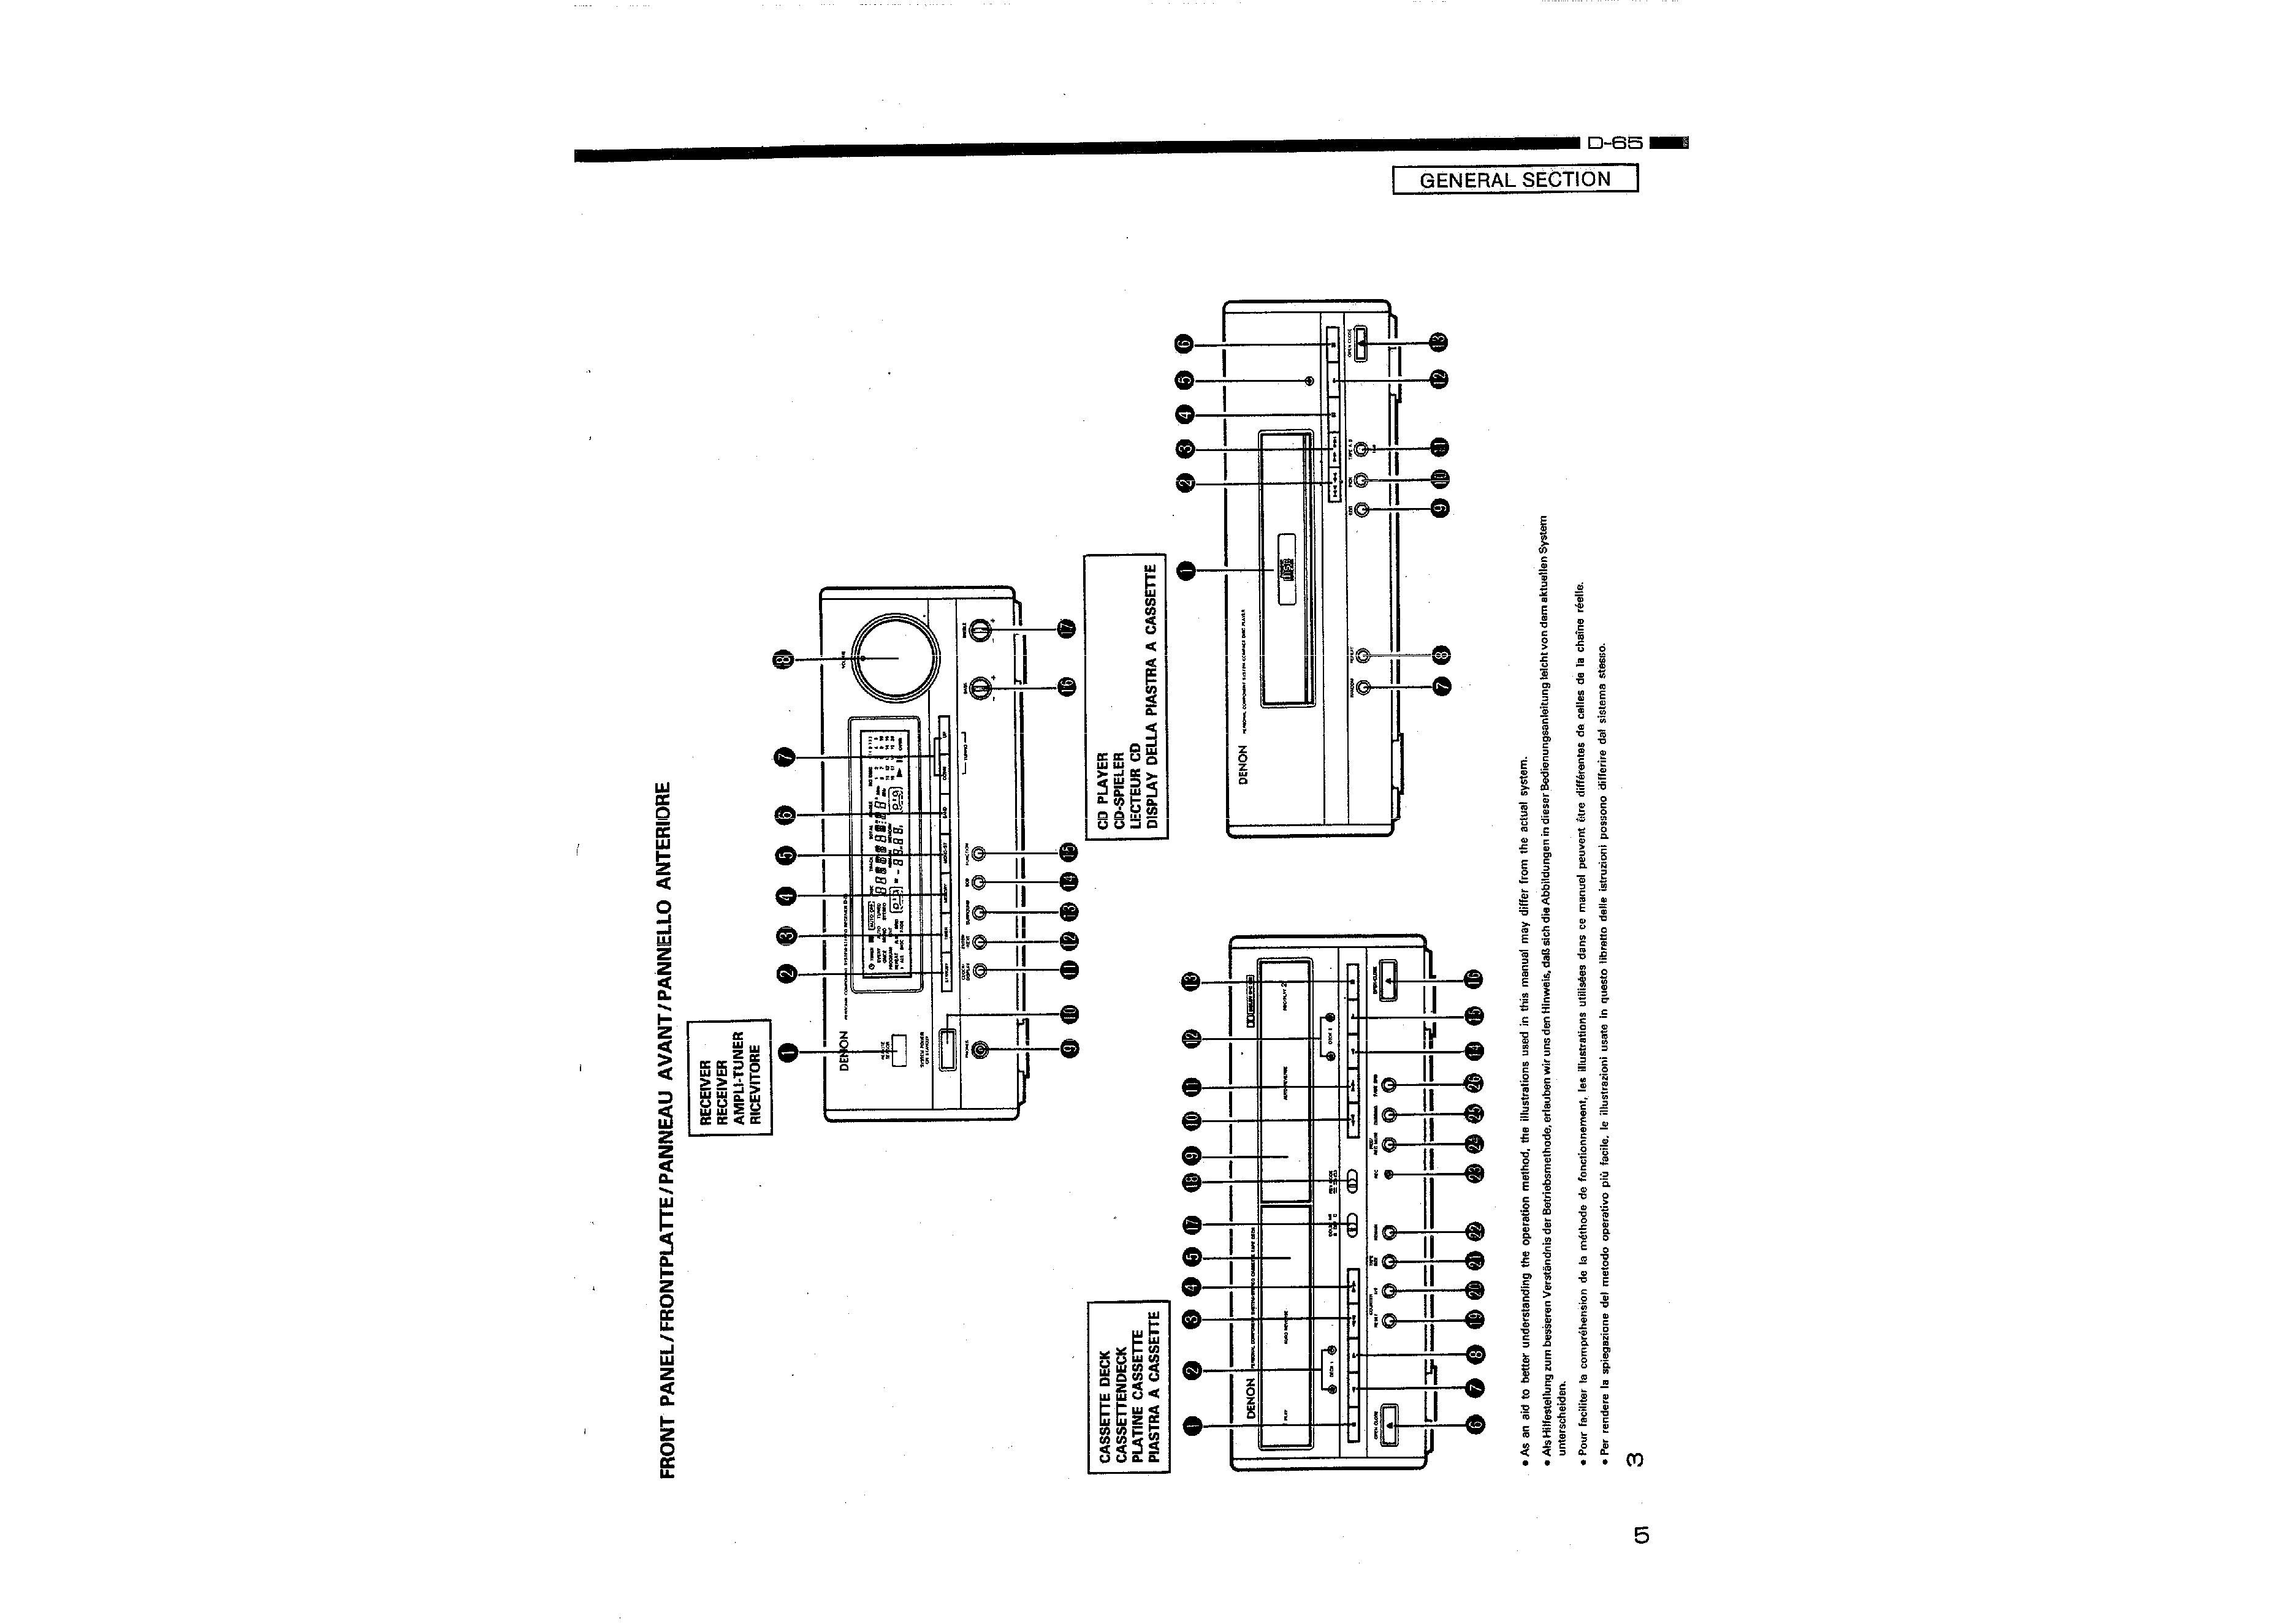 denon avr-65 manual